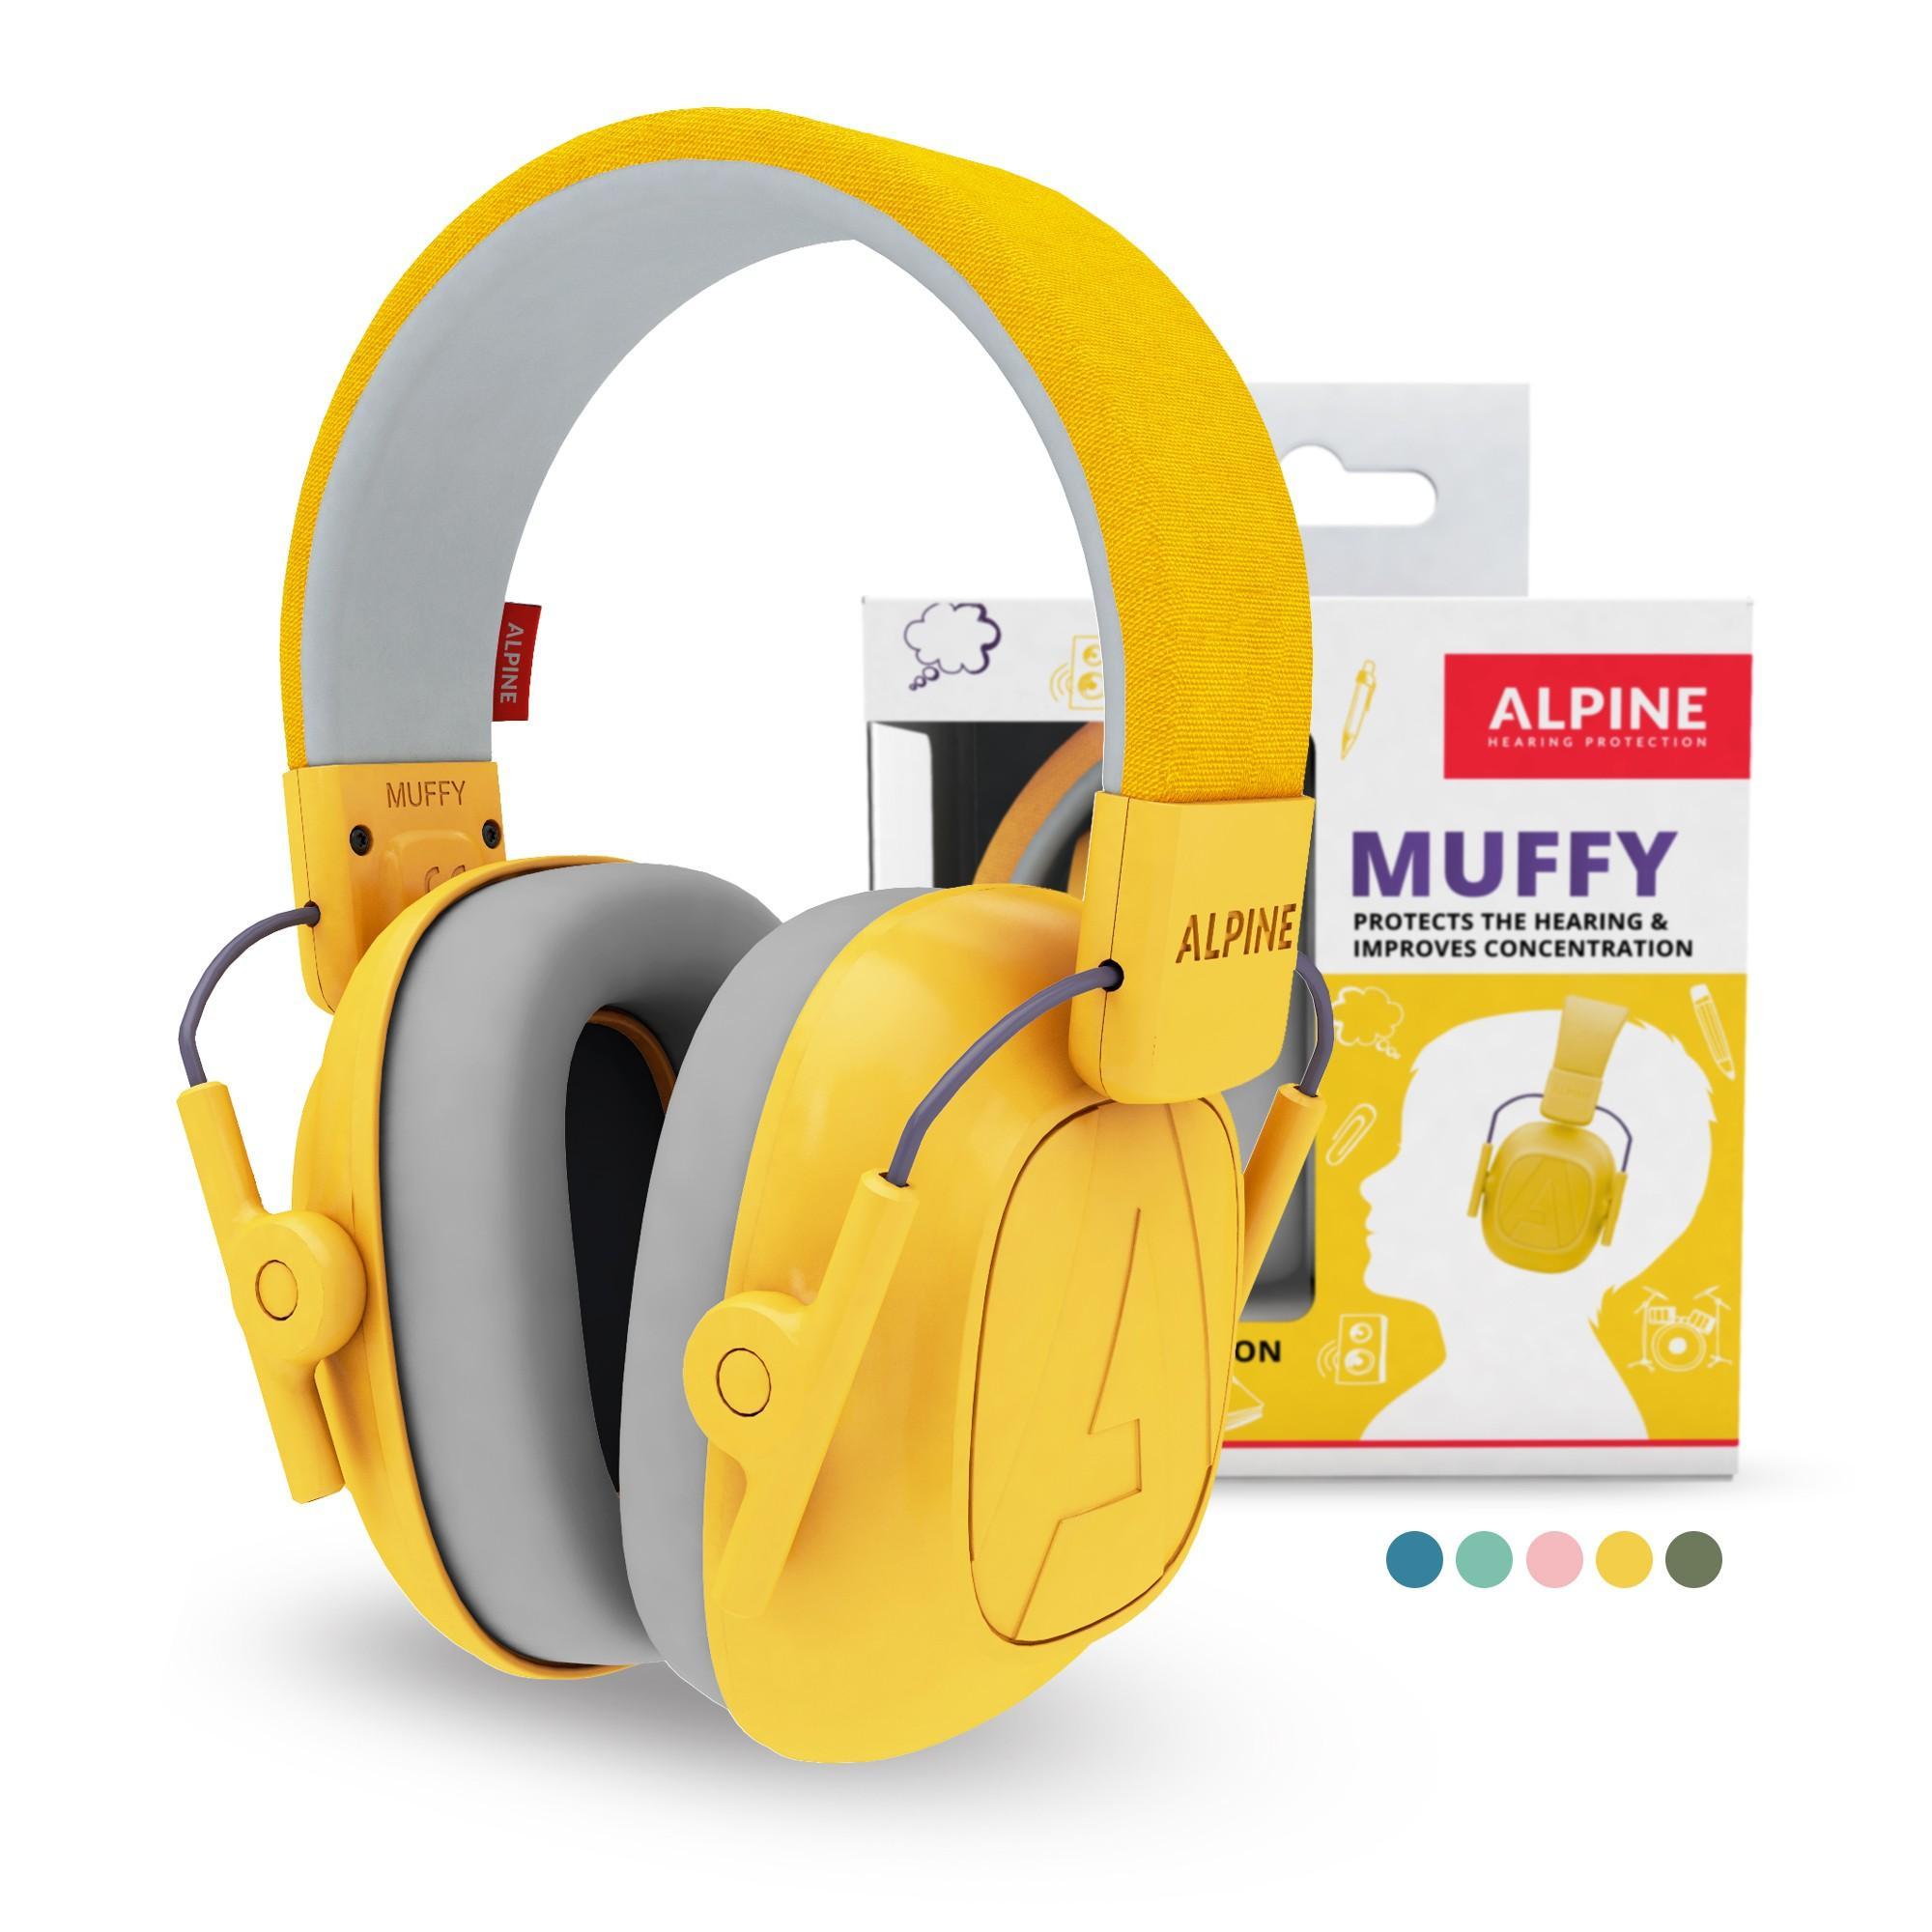 Alpine - Muffy Yellow